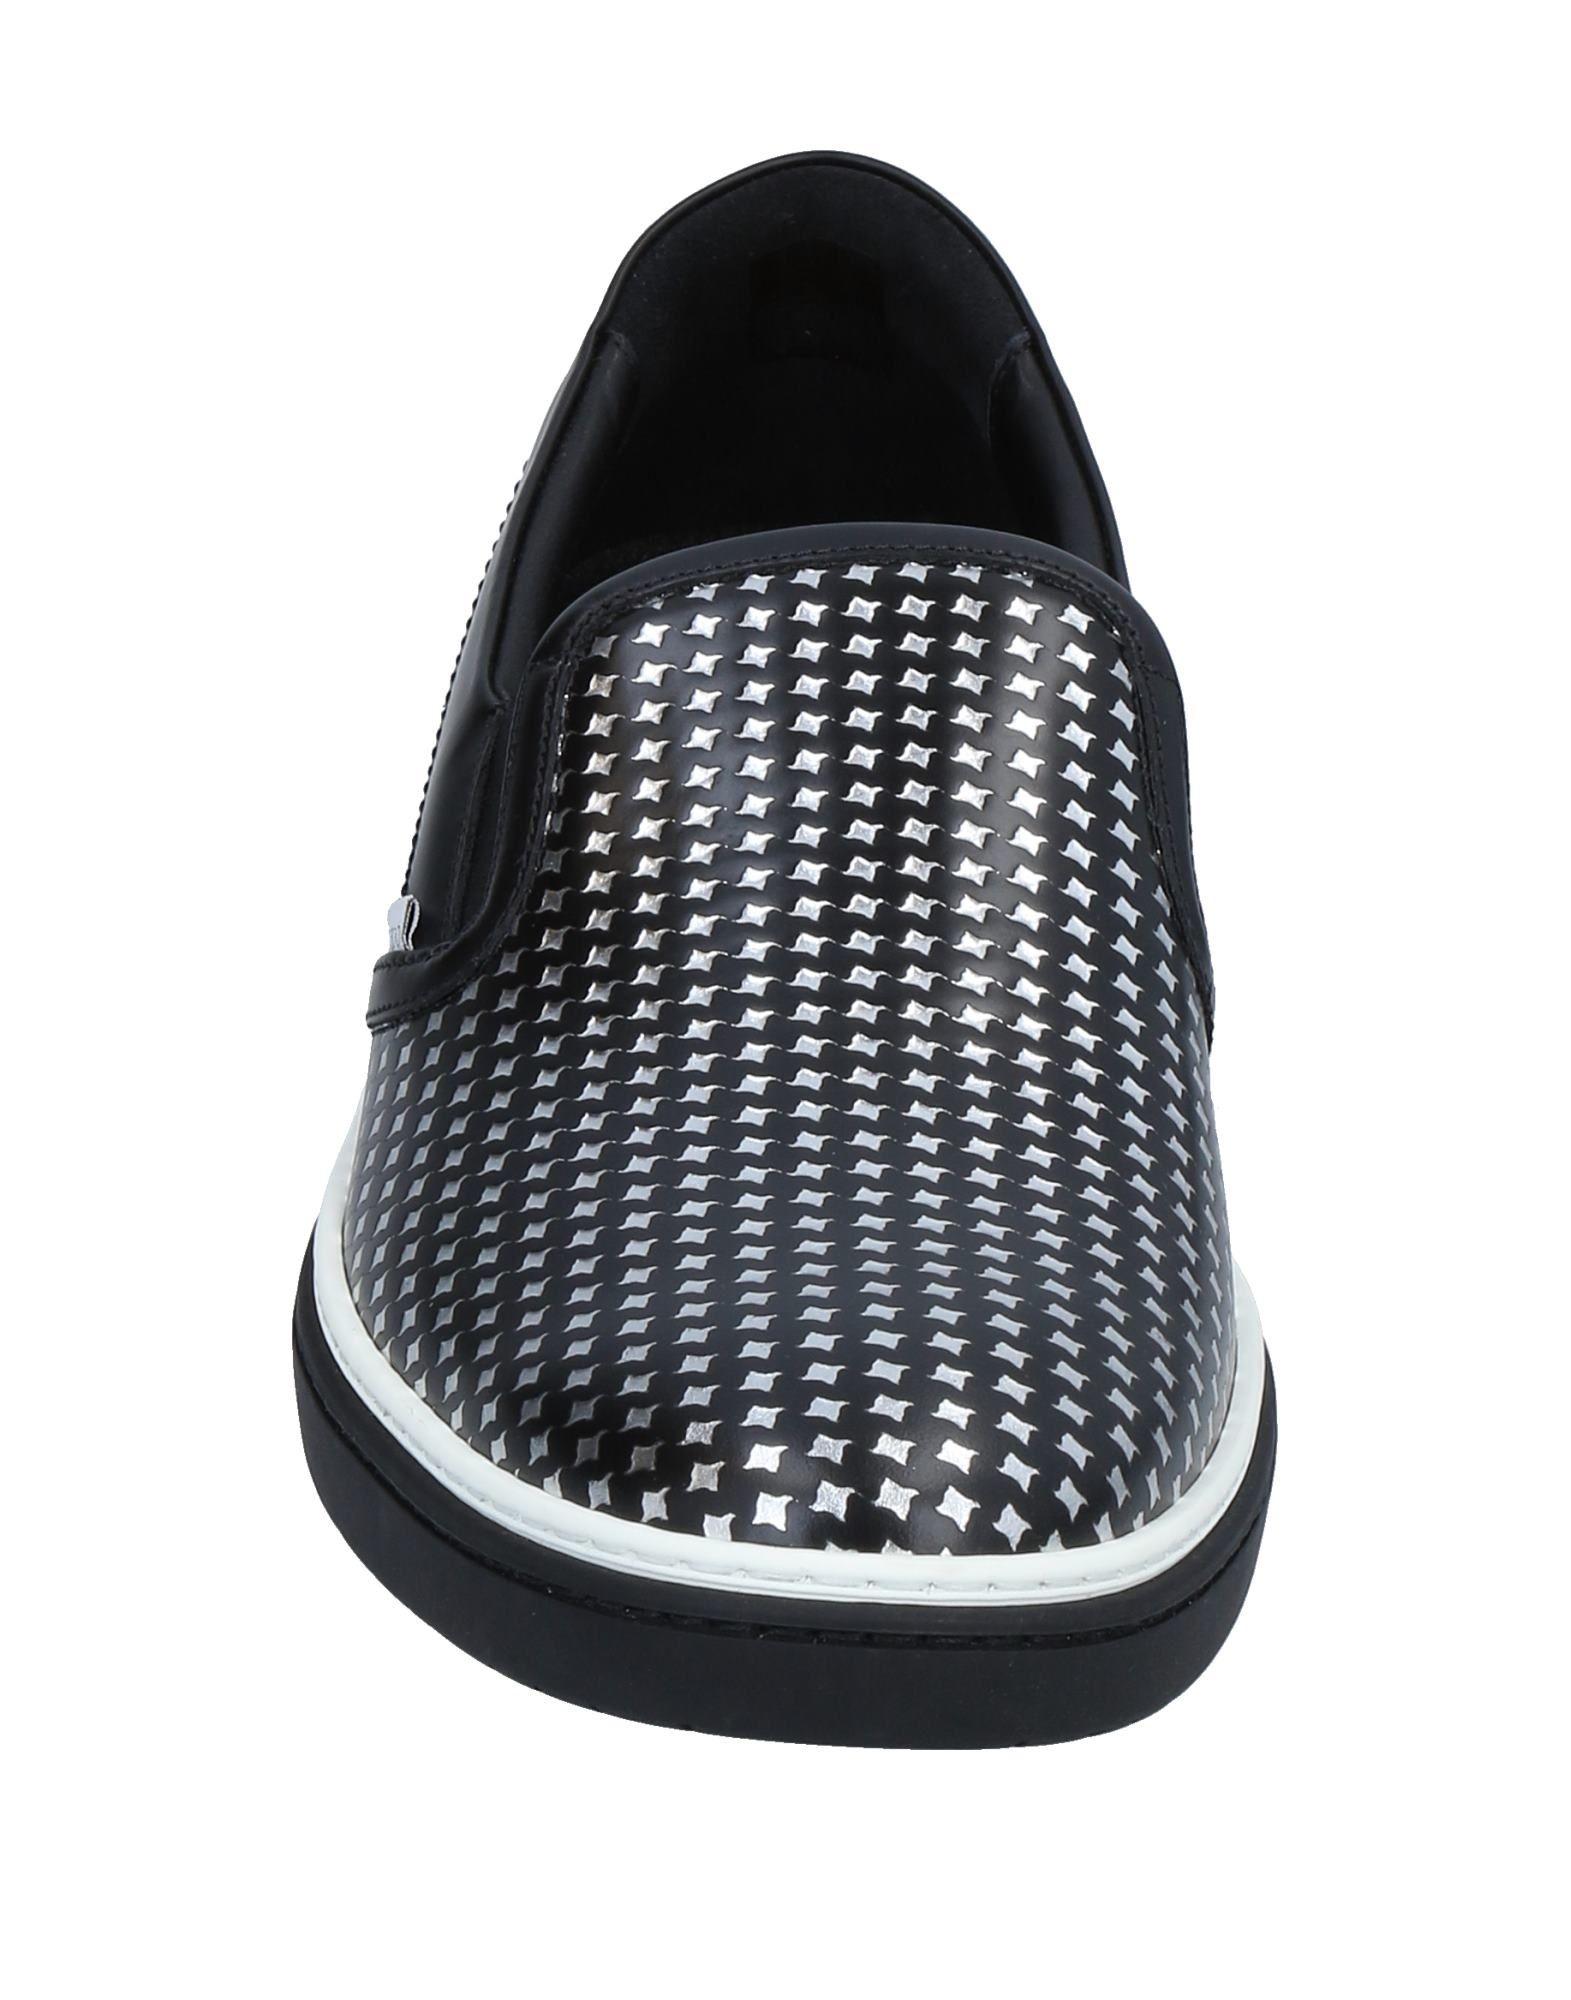 Jimmy Choo Sneakers Qualität Herren  11523097UN Gute Qualität Sneakers beliebte Schuhe 59a724